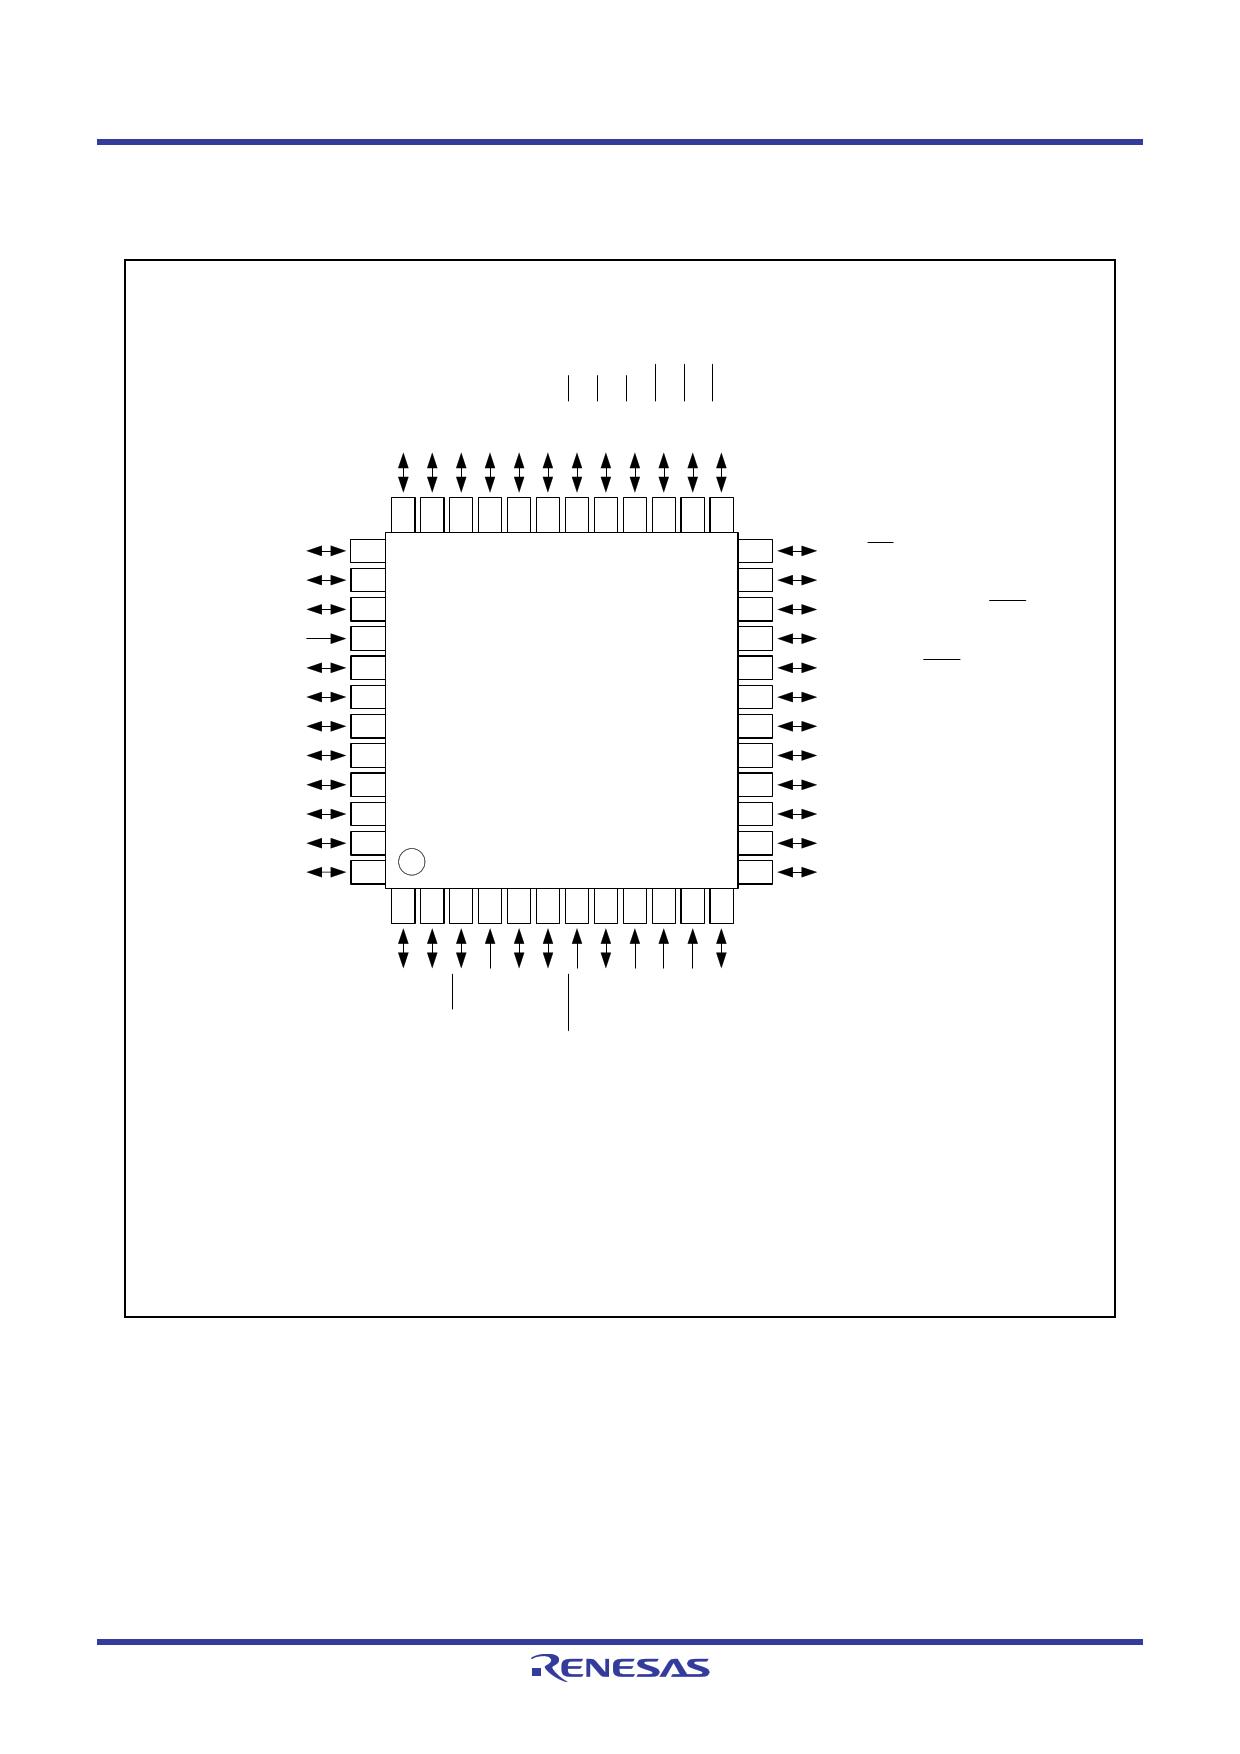 R5F21226DFP 전자부품, 판매, 대치품